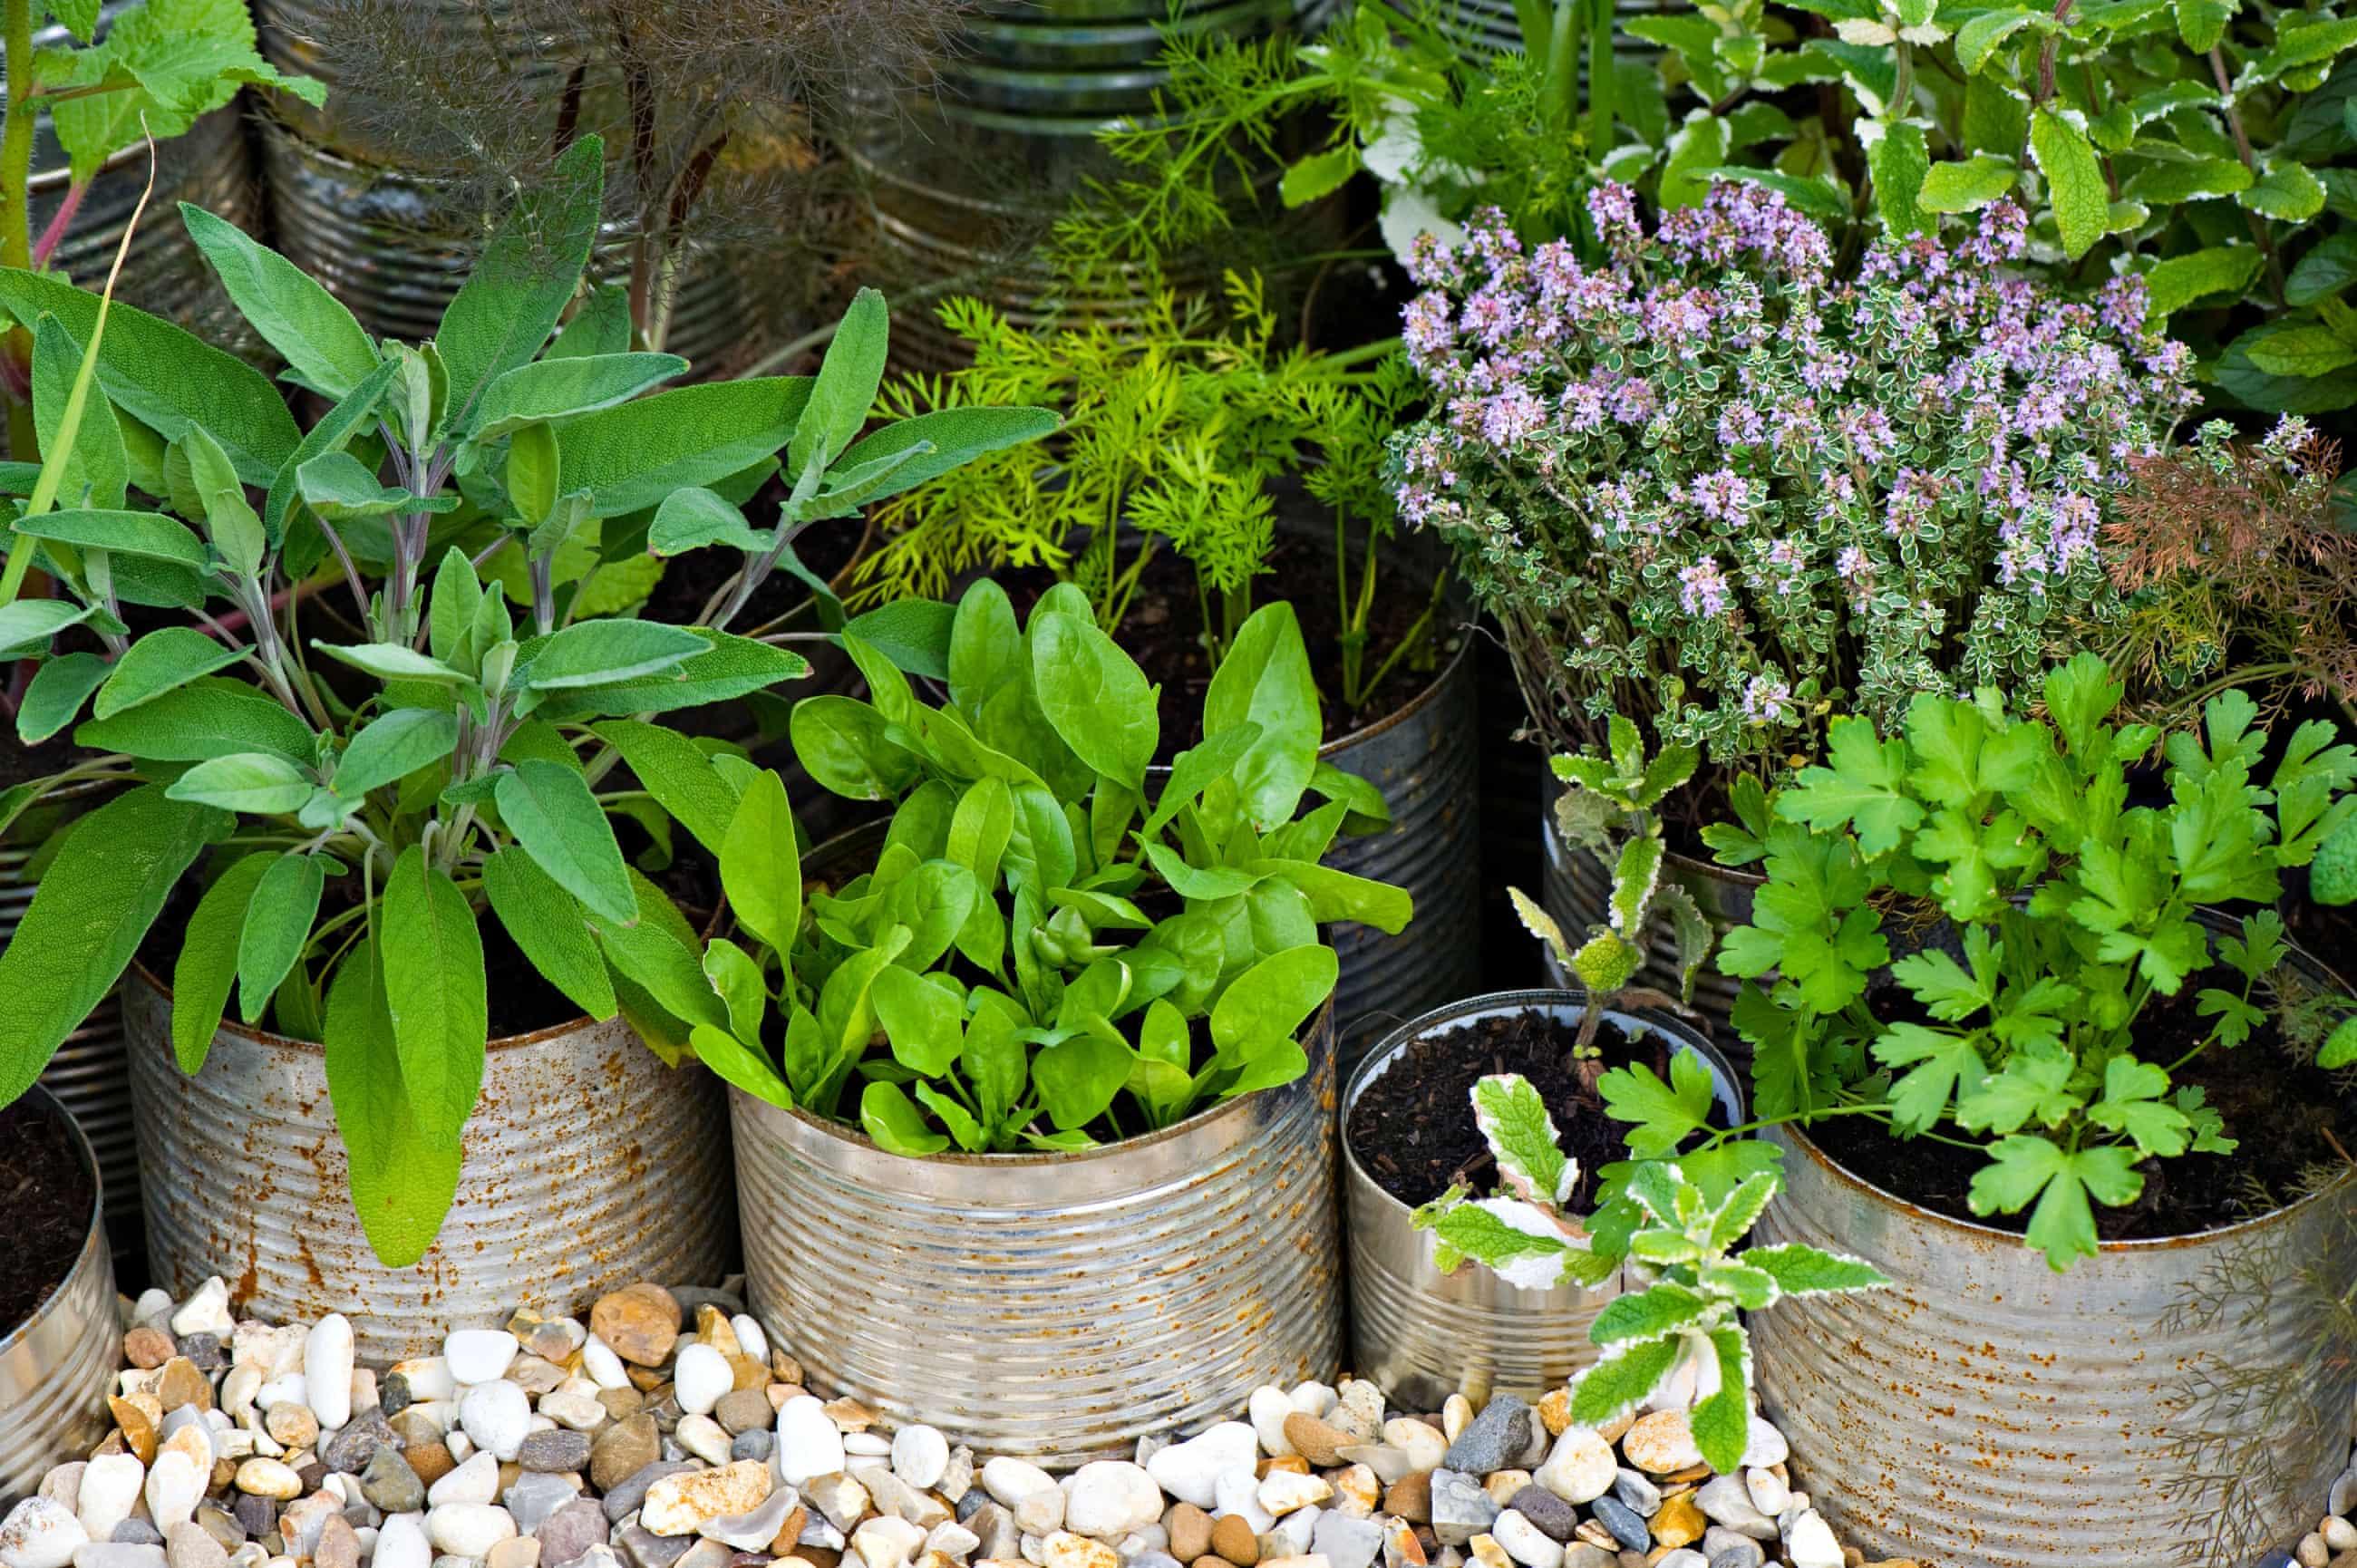 قفسه گیاهان دارویی-باغچه گیاهان یا جعبه کمکهای اولیه